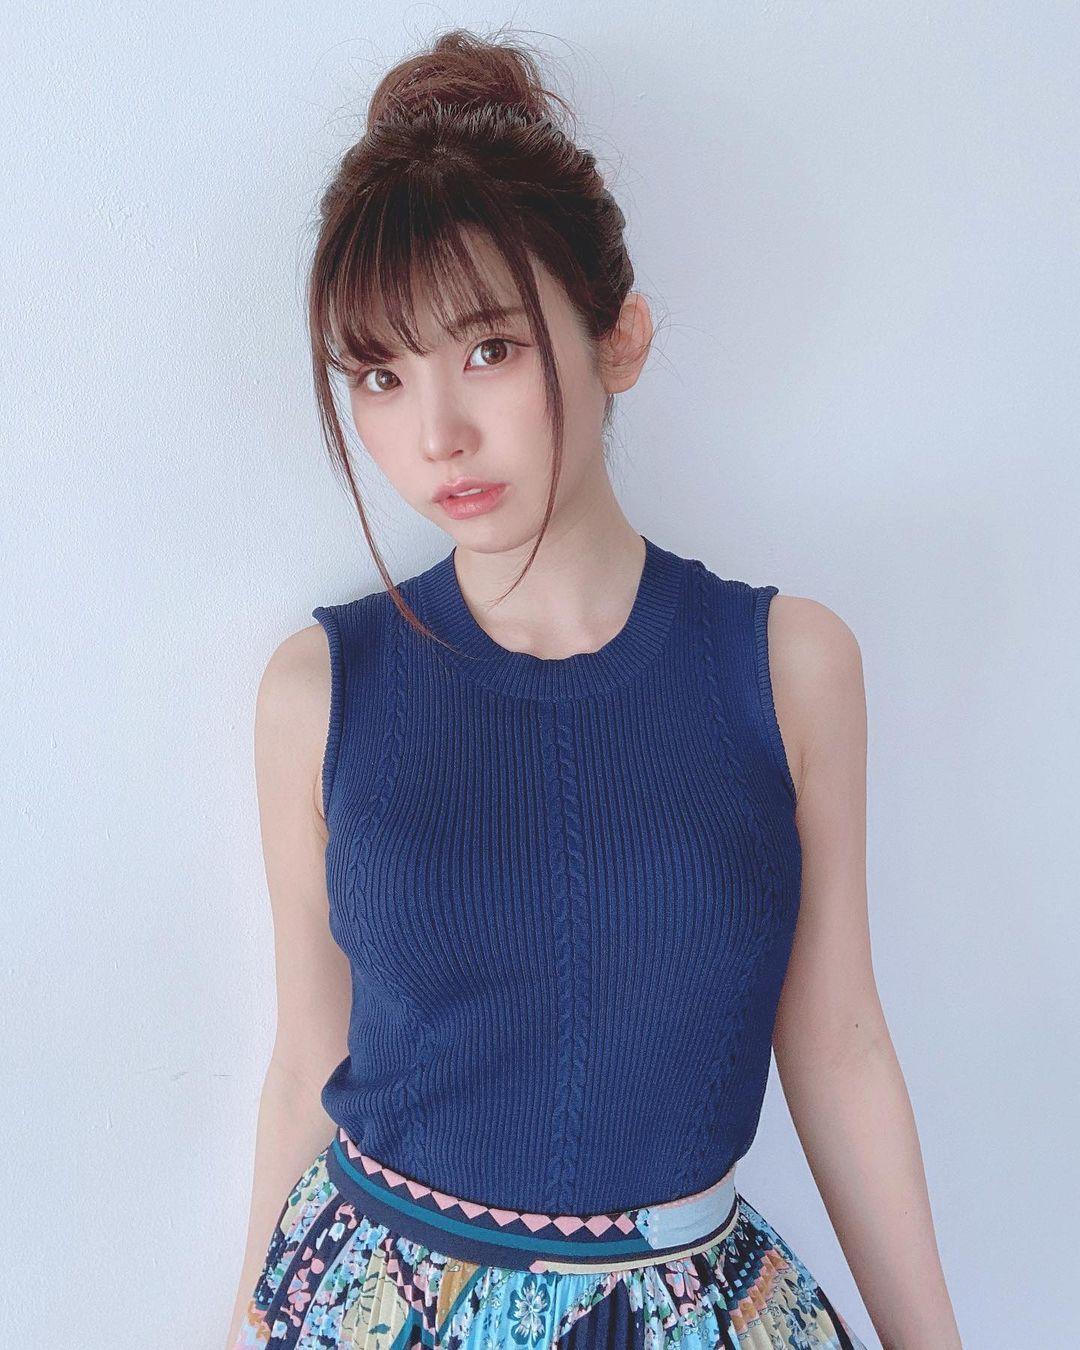 日本百万Coser 再出写真Enako 曝光短发+E造型散发青春活力 网络美女 第6张